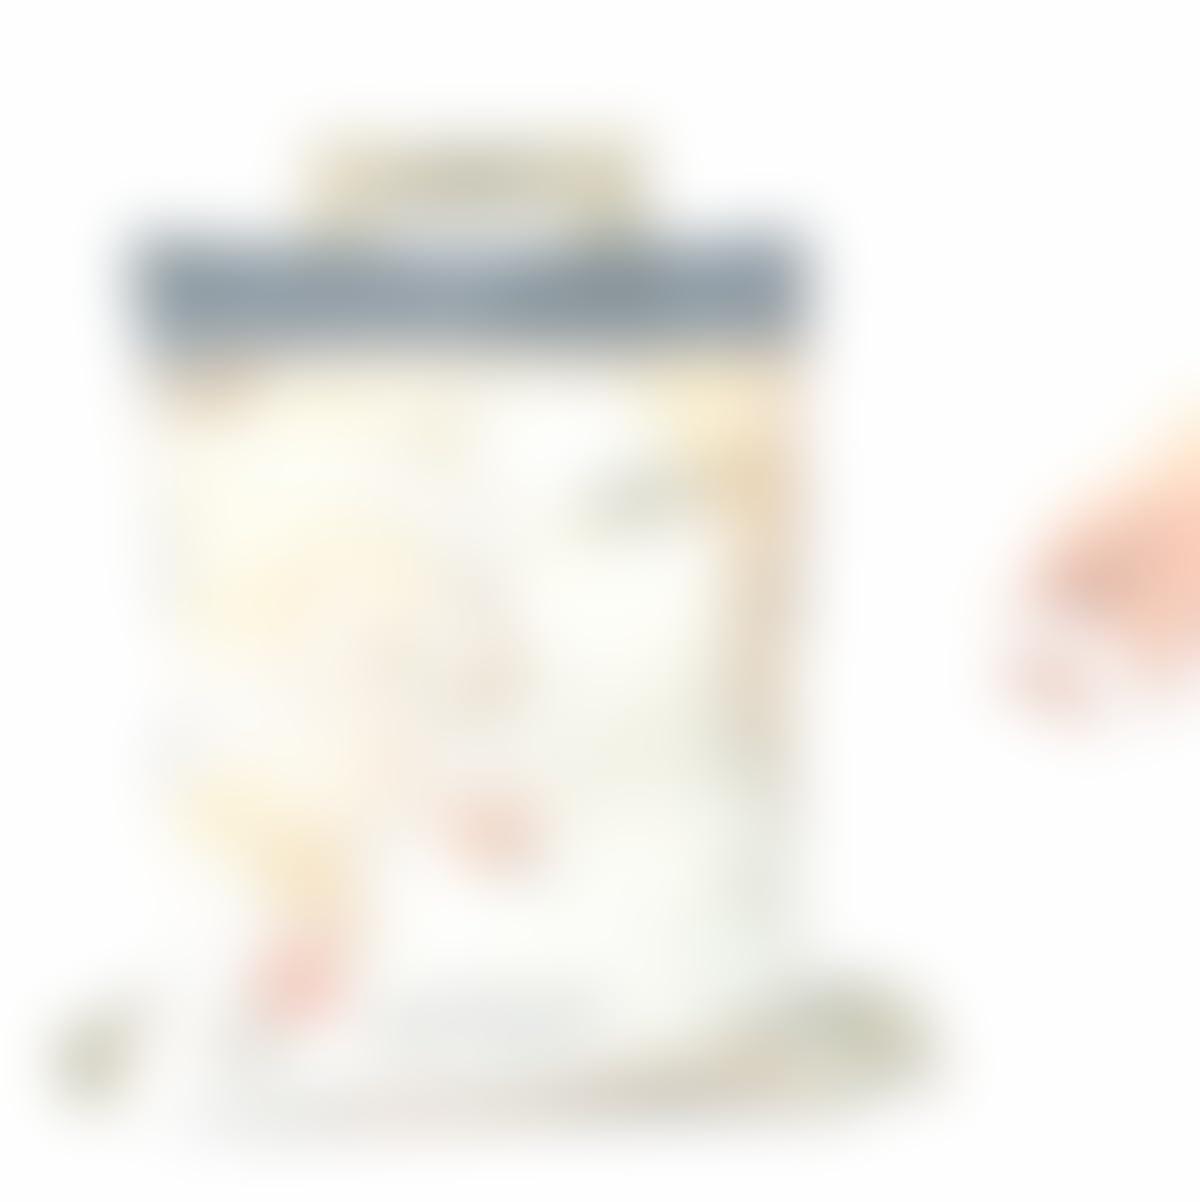 Mochila Mapa. Bolso personalizado de tela mundo con cremallera. Práctico y ligero.: Amazon.es: Handmade